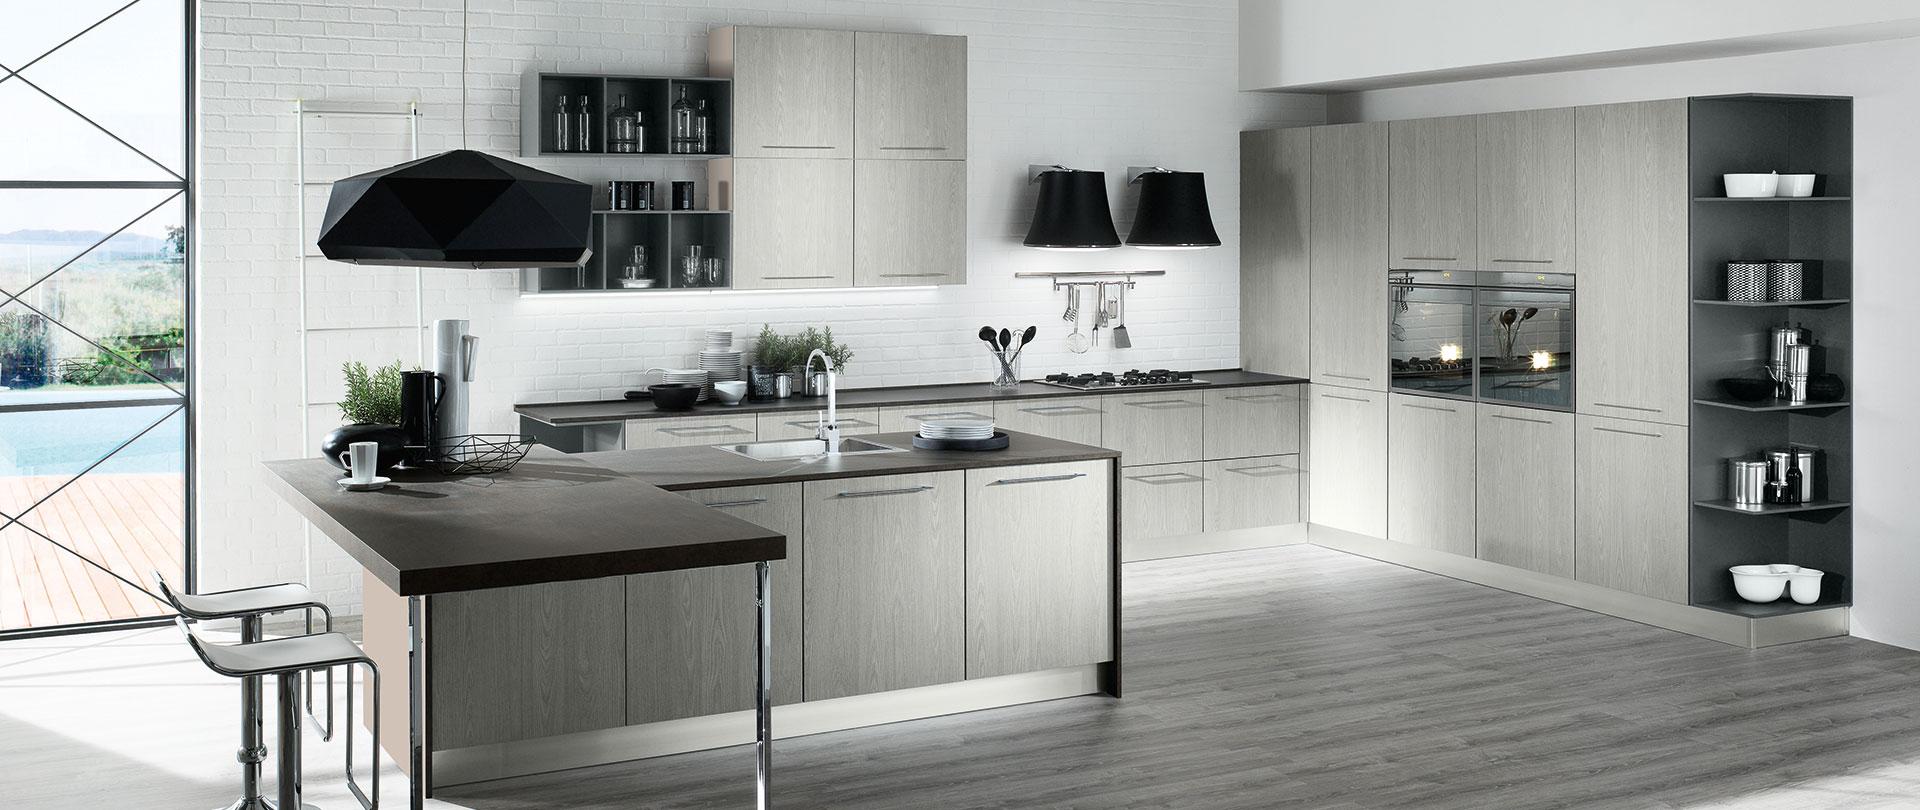 Brio cucina moderna mobilturi arredi 2000 for Cucine da arredo